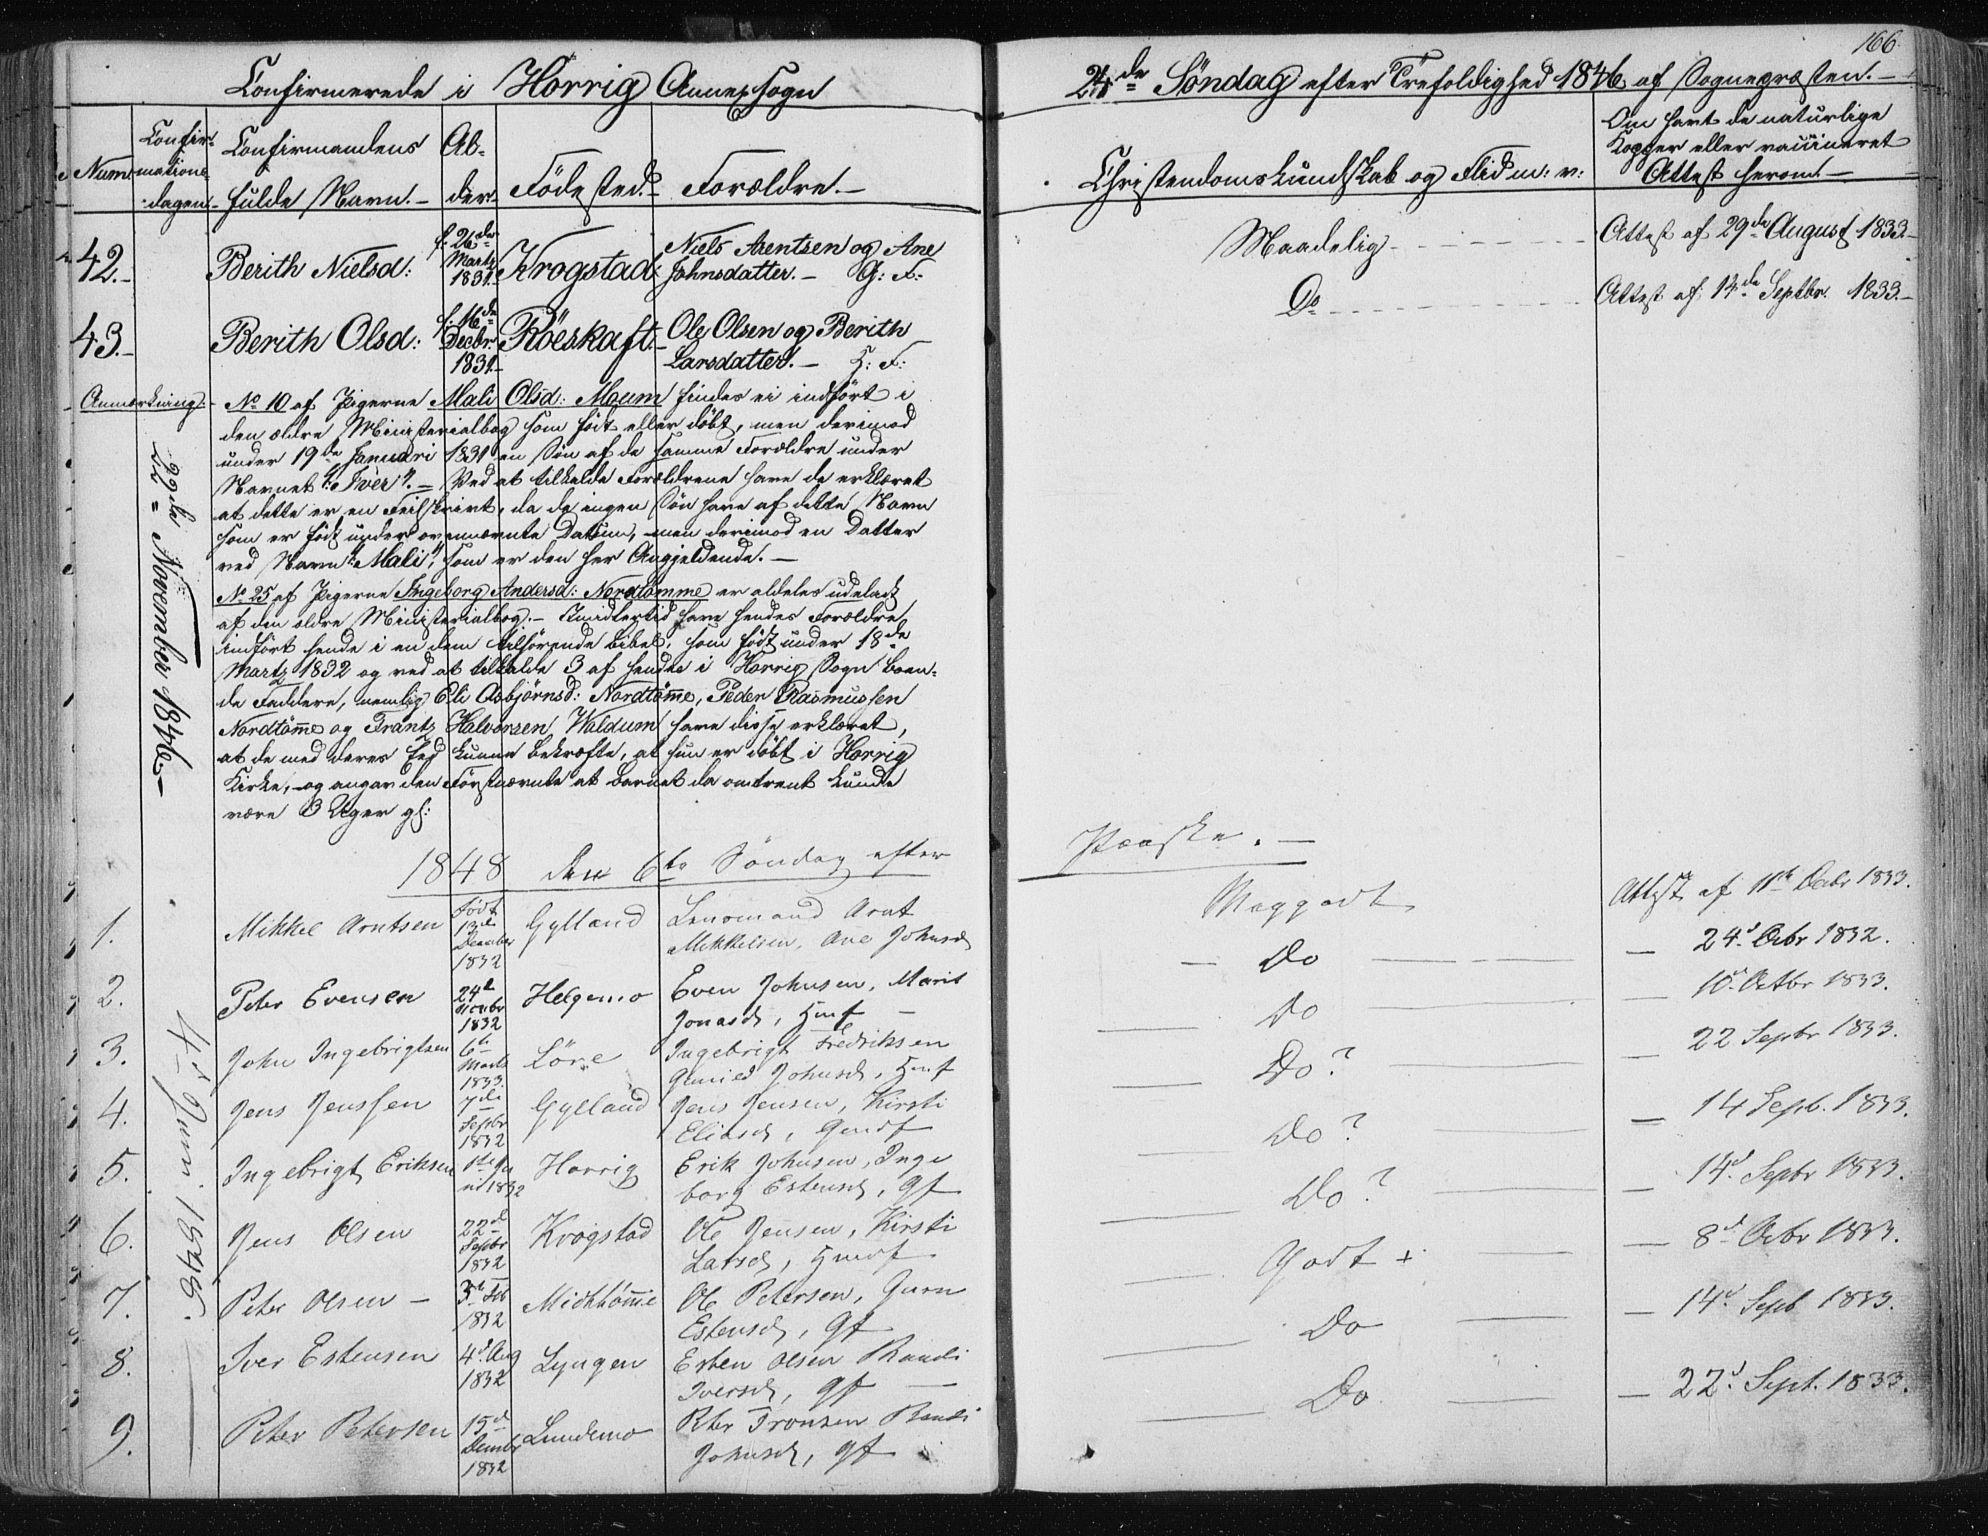 SAT, Ministerialprotokoller, klokkerbøker og fødselsregistre - Sør-Trøndelag, 687/L0998: Ministerialbok nr. 687A05 /2, 1843-1849, s. 166